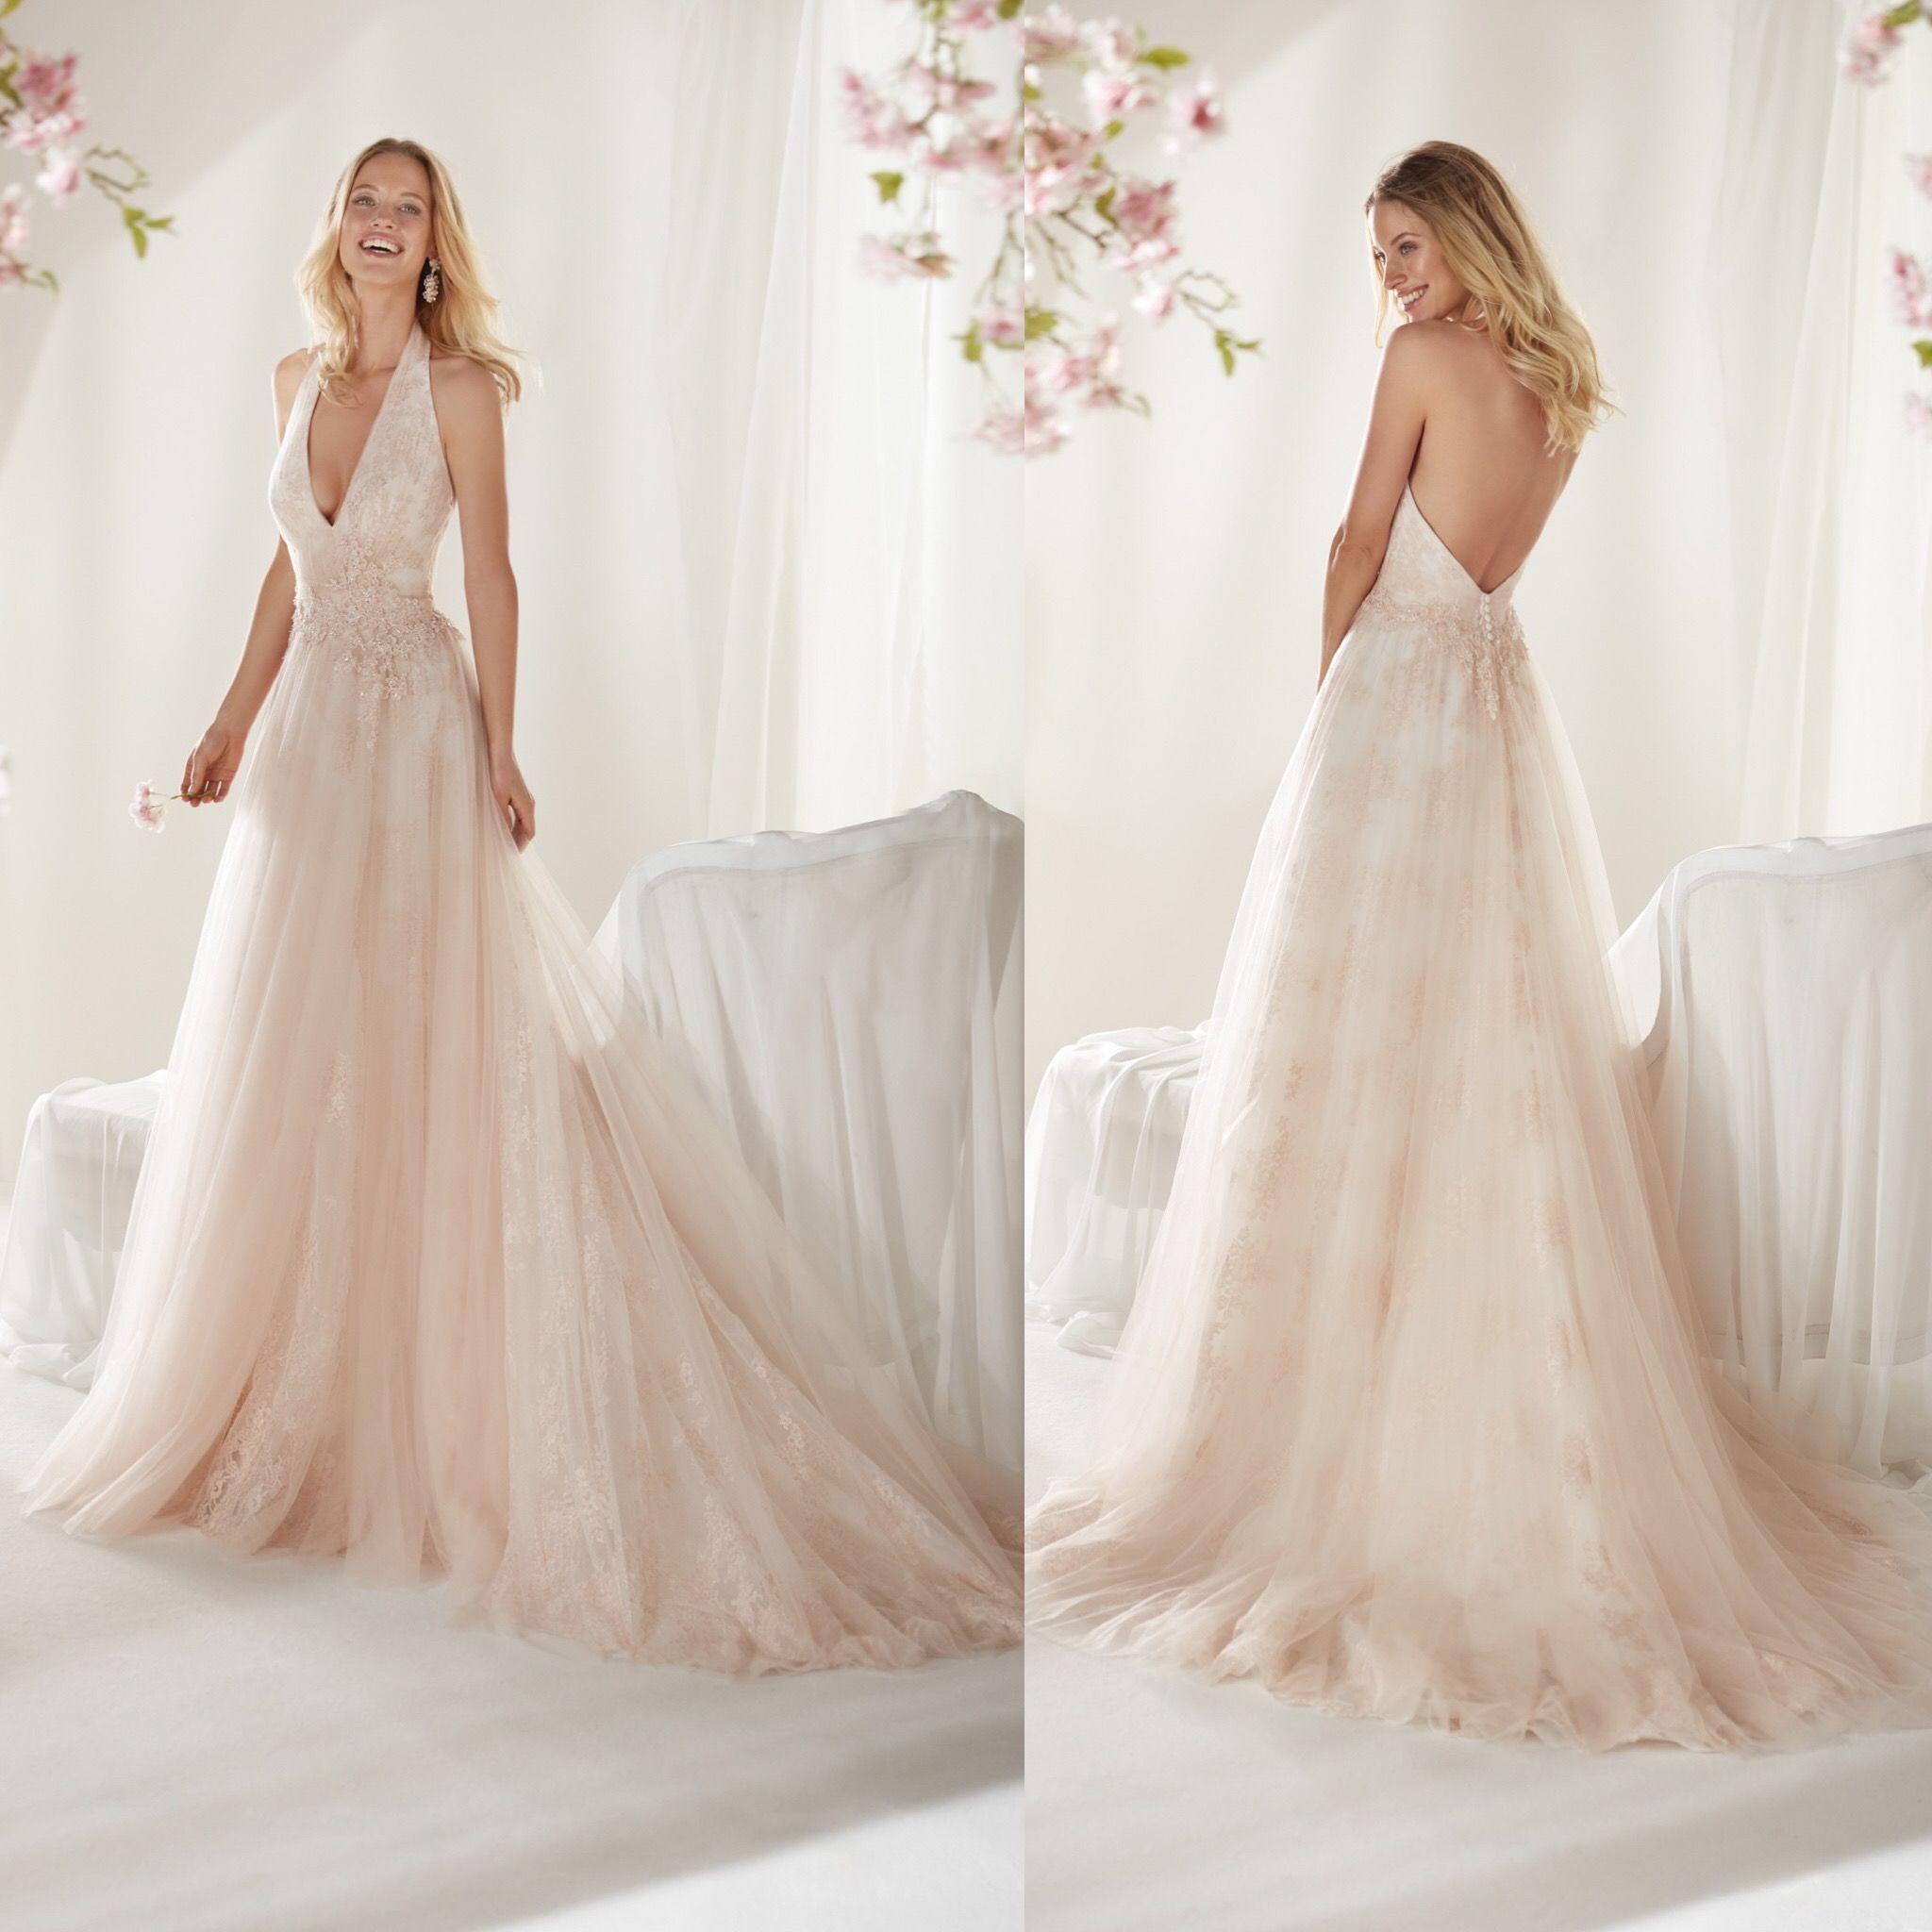 Vestiti Da Sposa Rosa Antico.Raffinatissimo Abito Scivolato In Tulle E Pizzo Di Colore Rosa